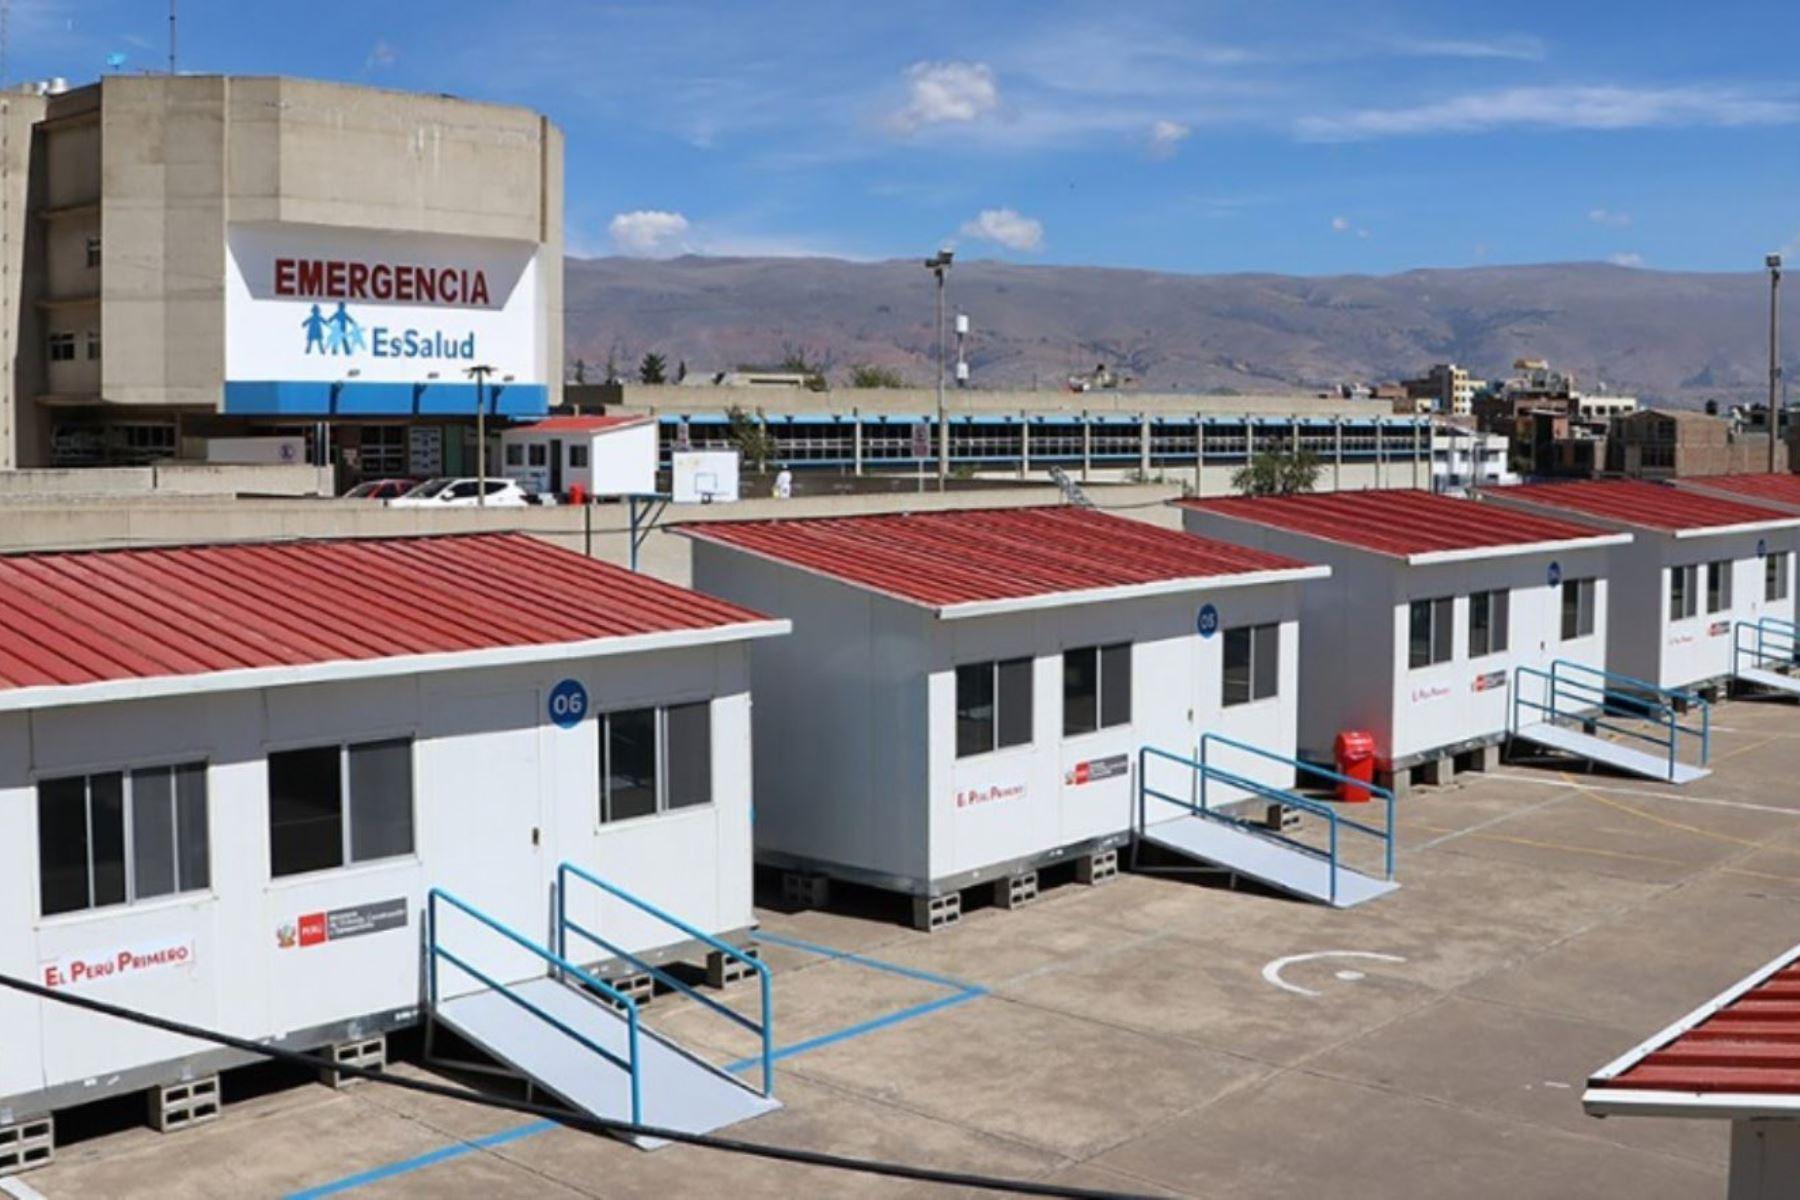 MVCS instala 387 módulos temporales en hospitales y penales del país. Foto: ANDINA/Difusión